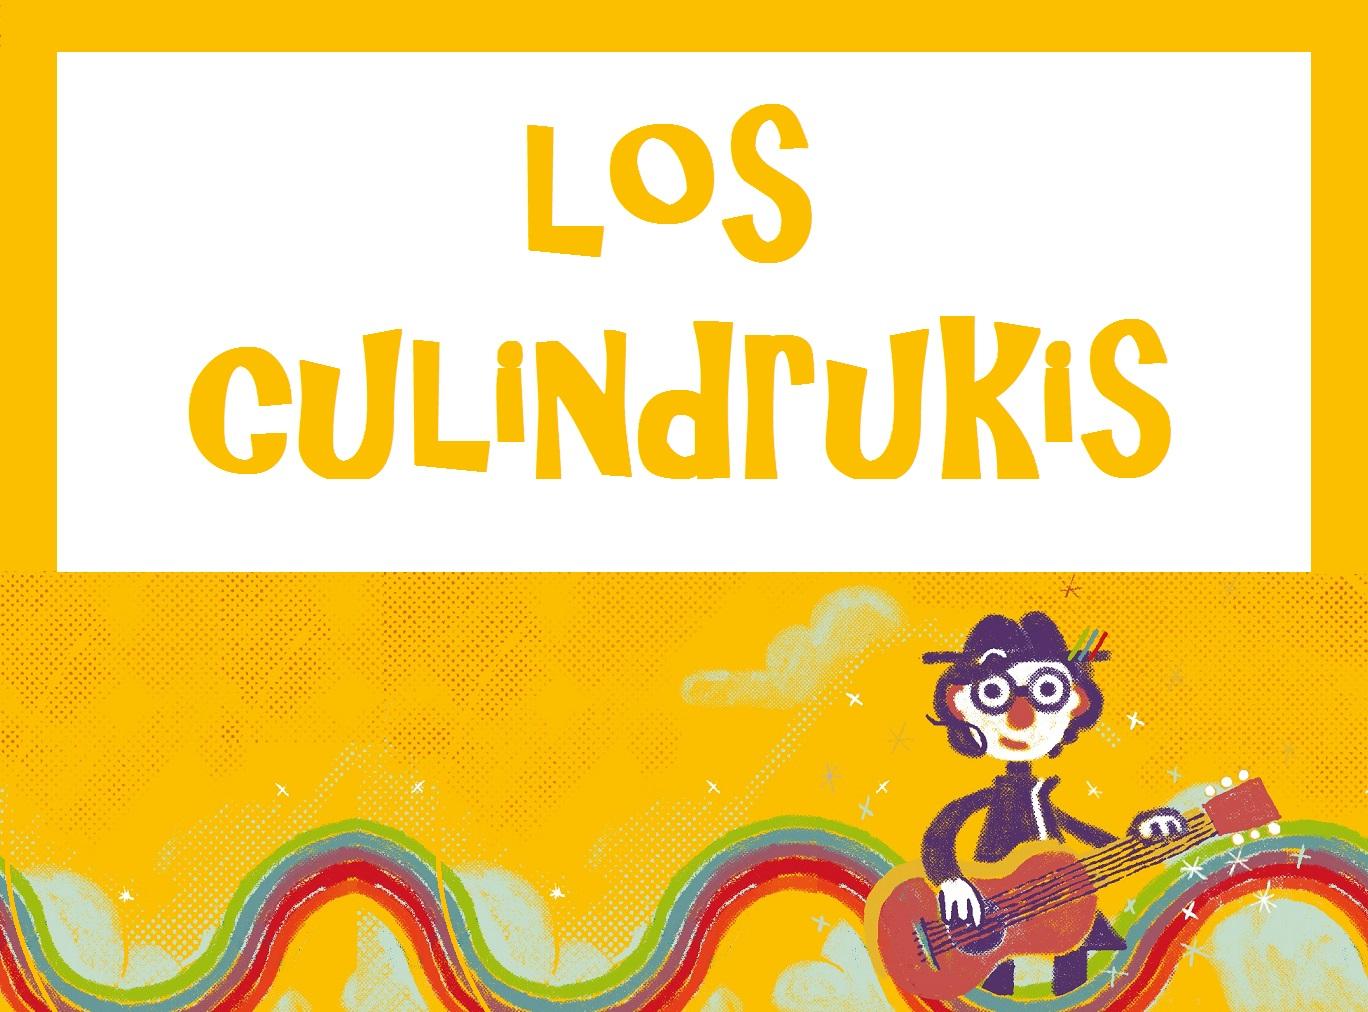 Los culindrukis